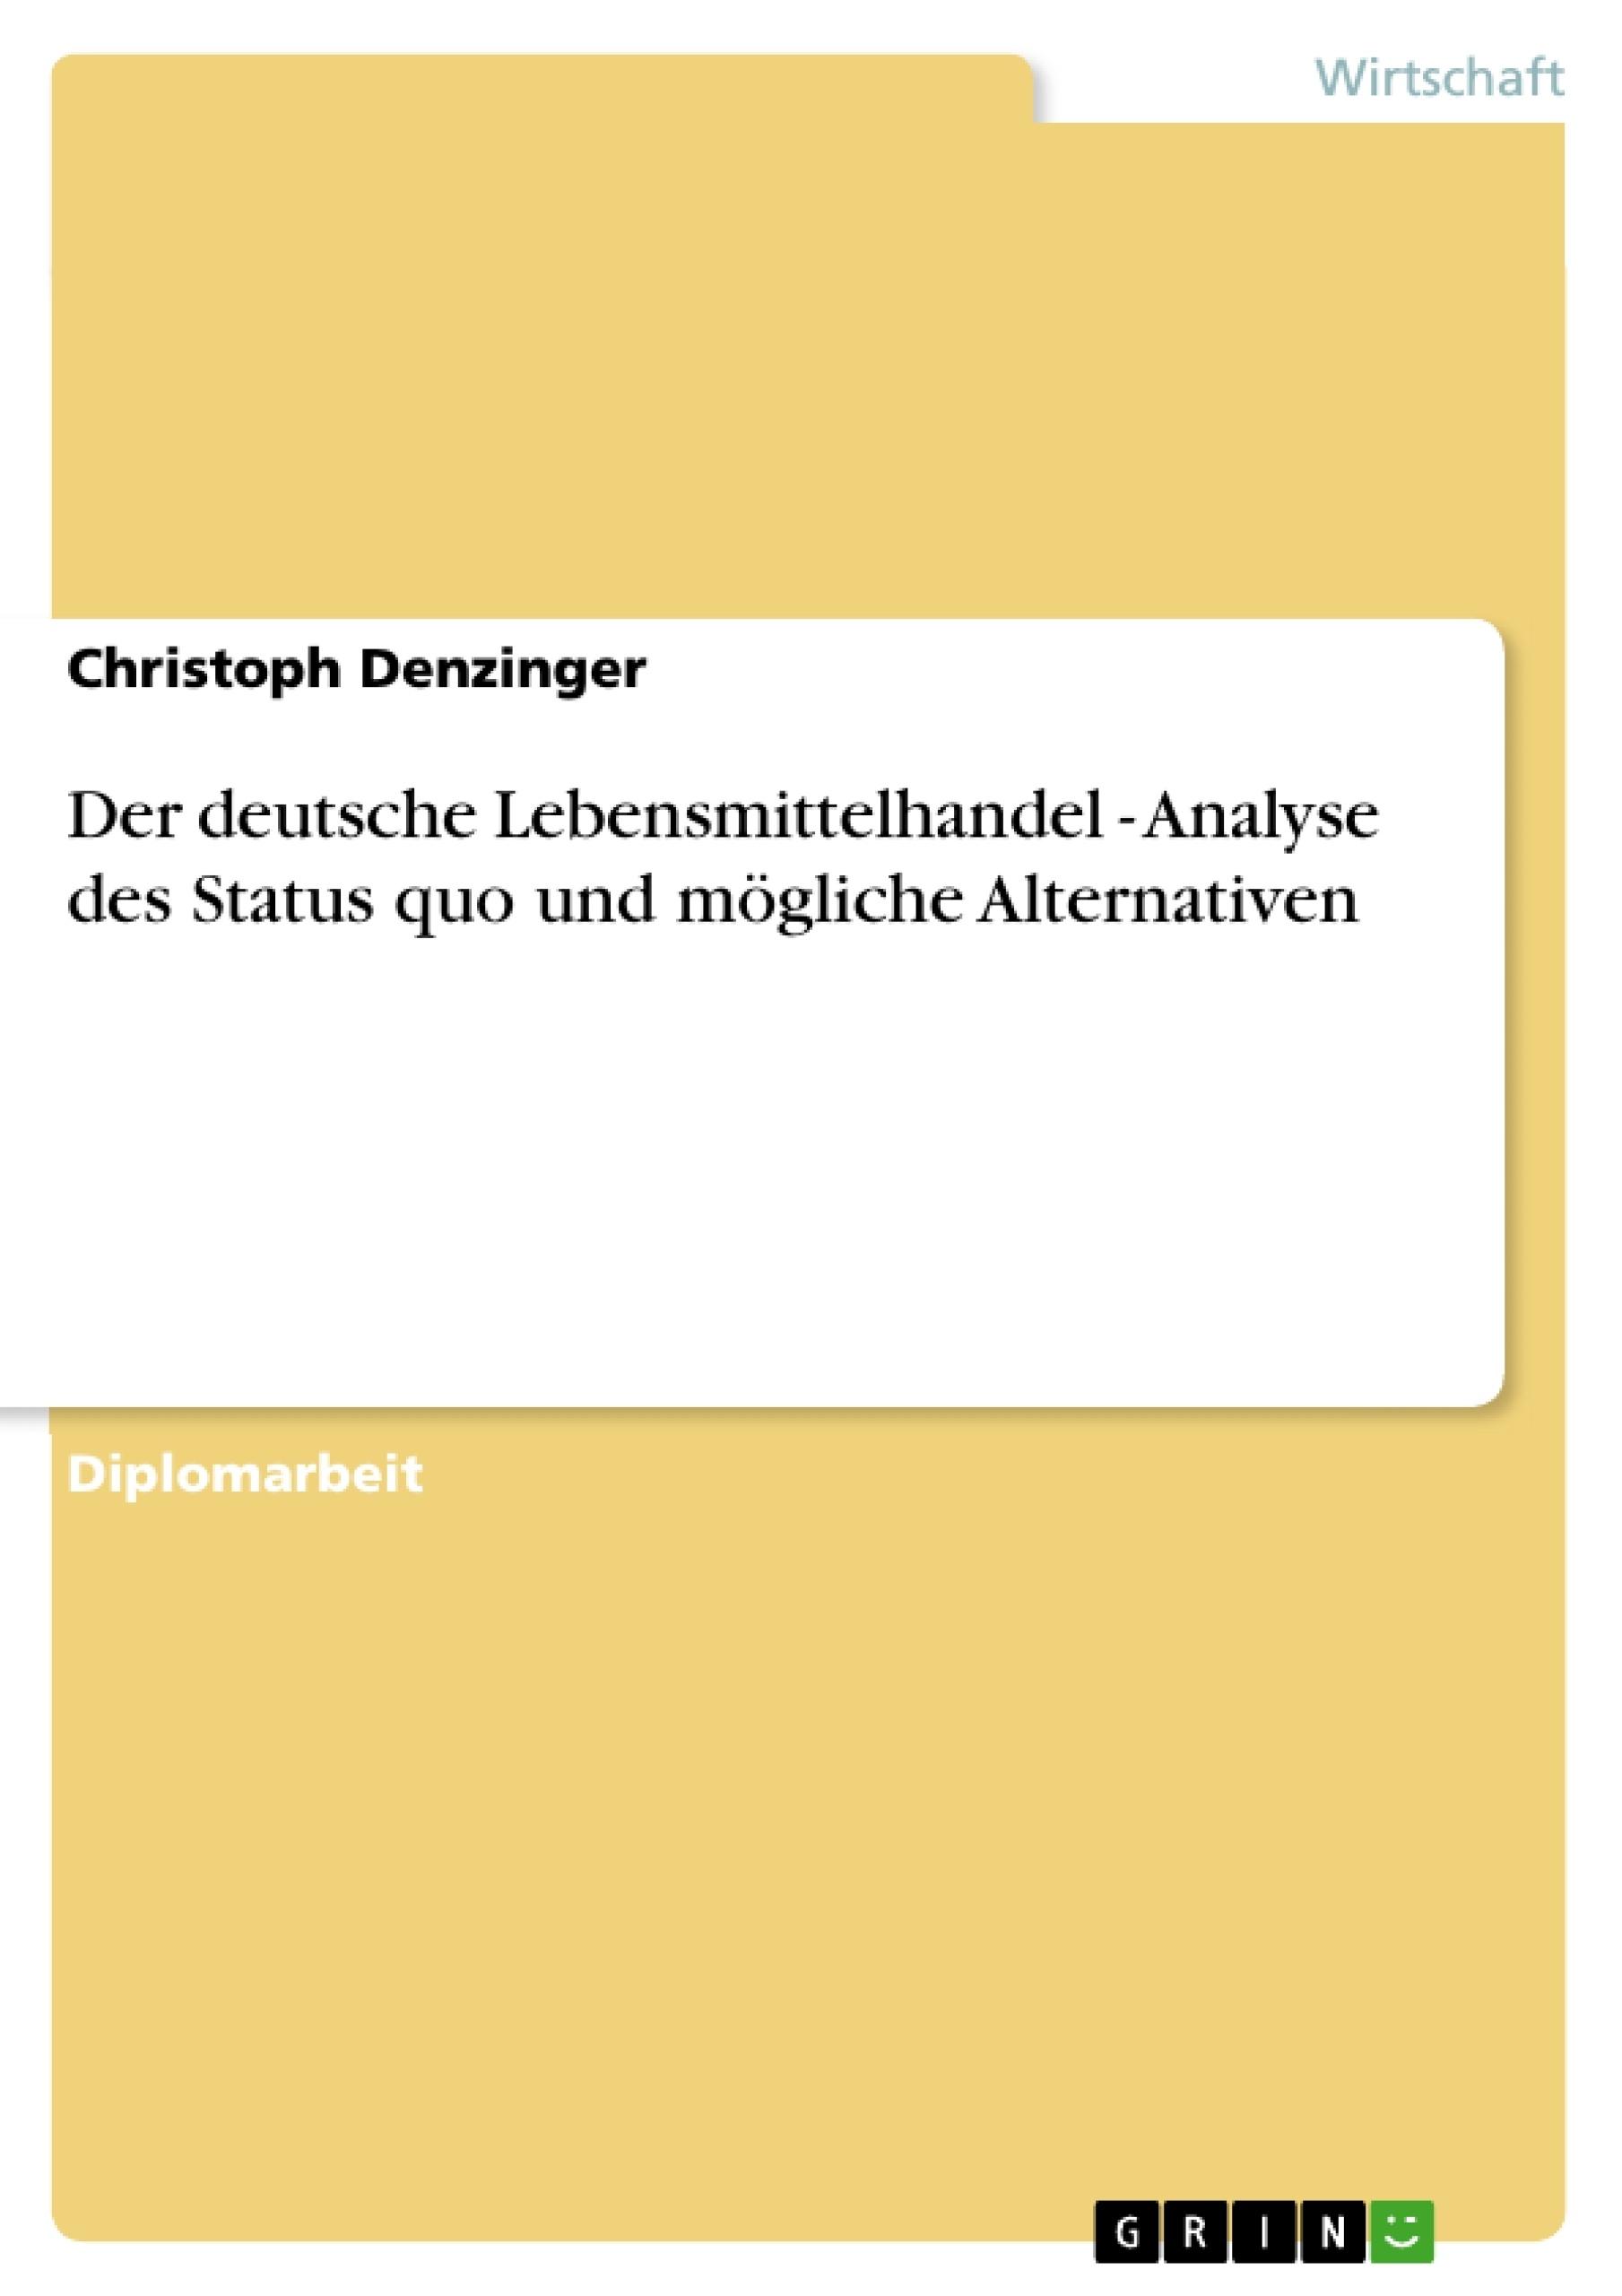 Titel: Der deutsche Lebensmittelhandel - Analyse des Status quo und mögliche Alternativen